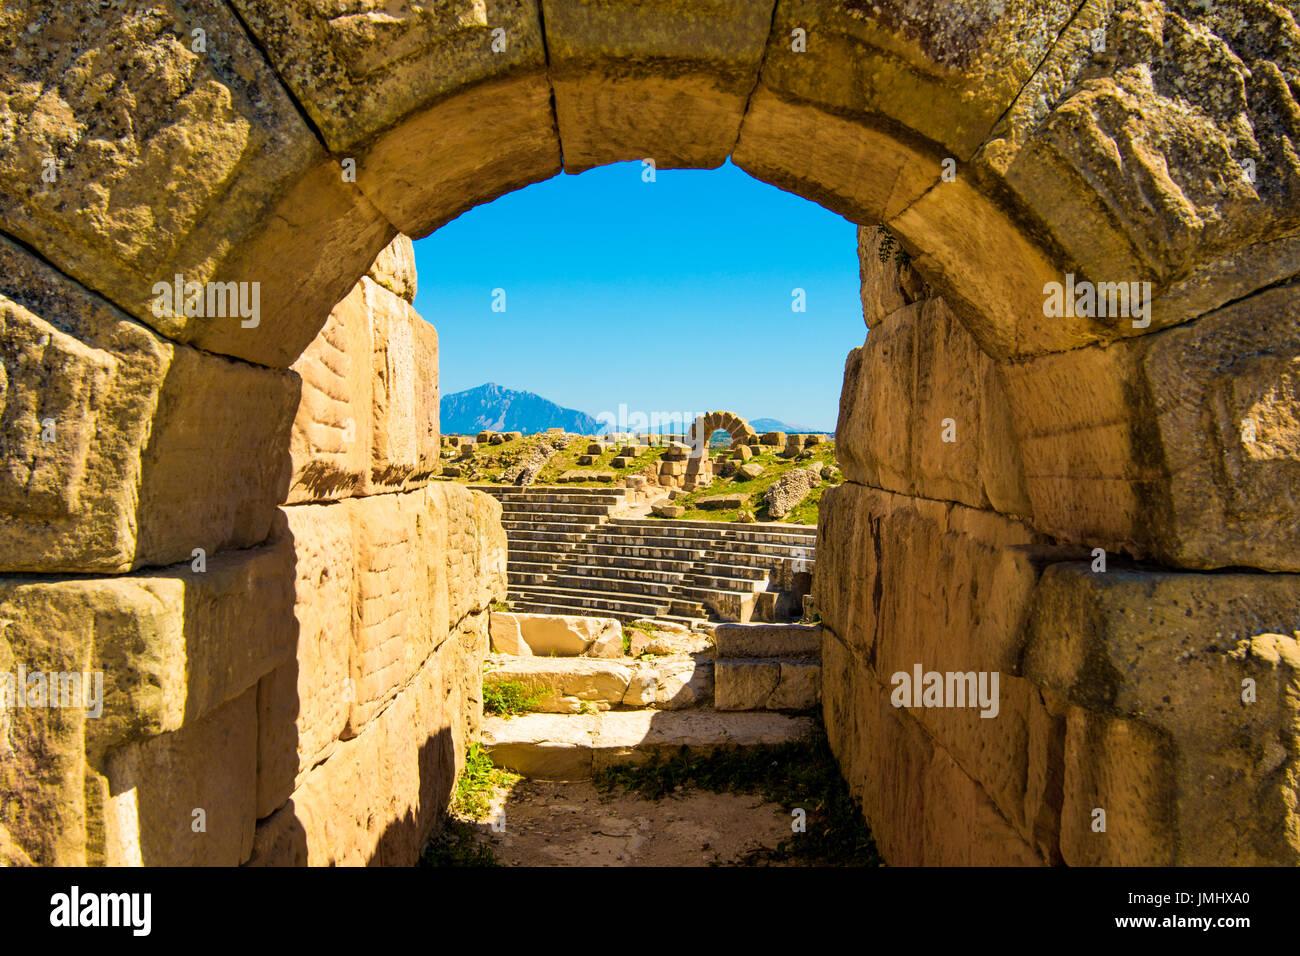 Ancient Coliseum in Tunisia - Stock Image